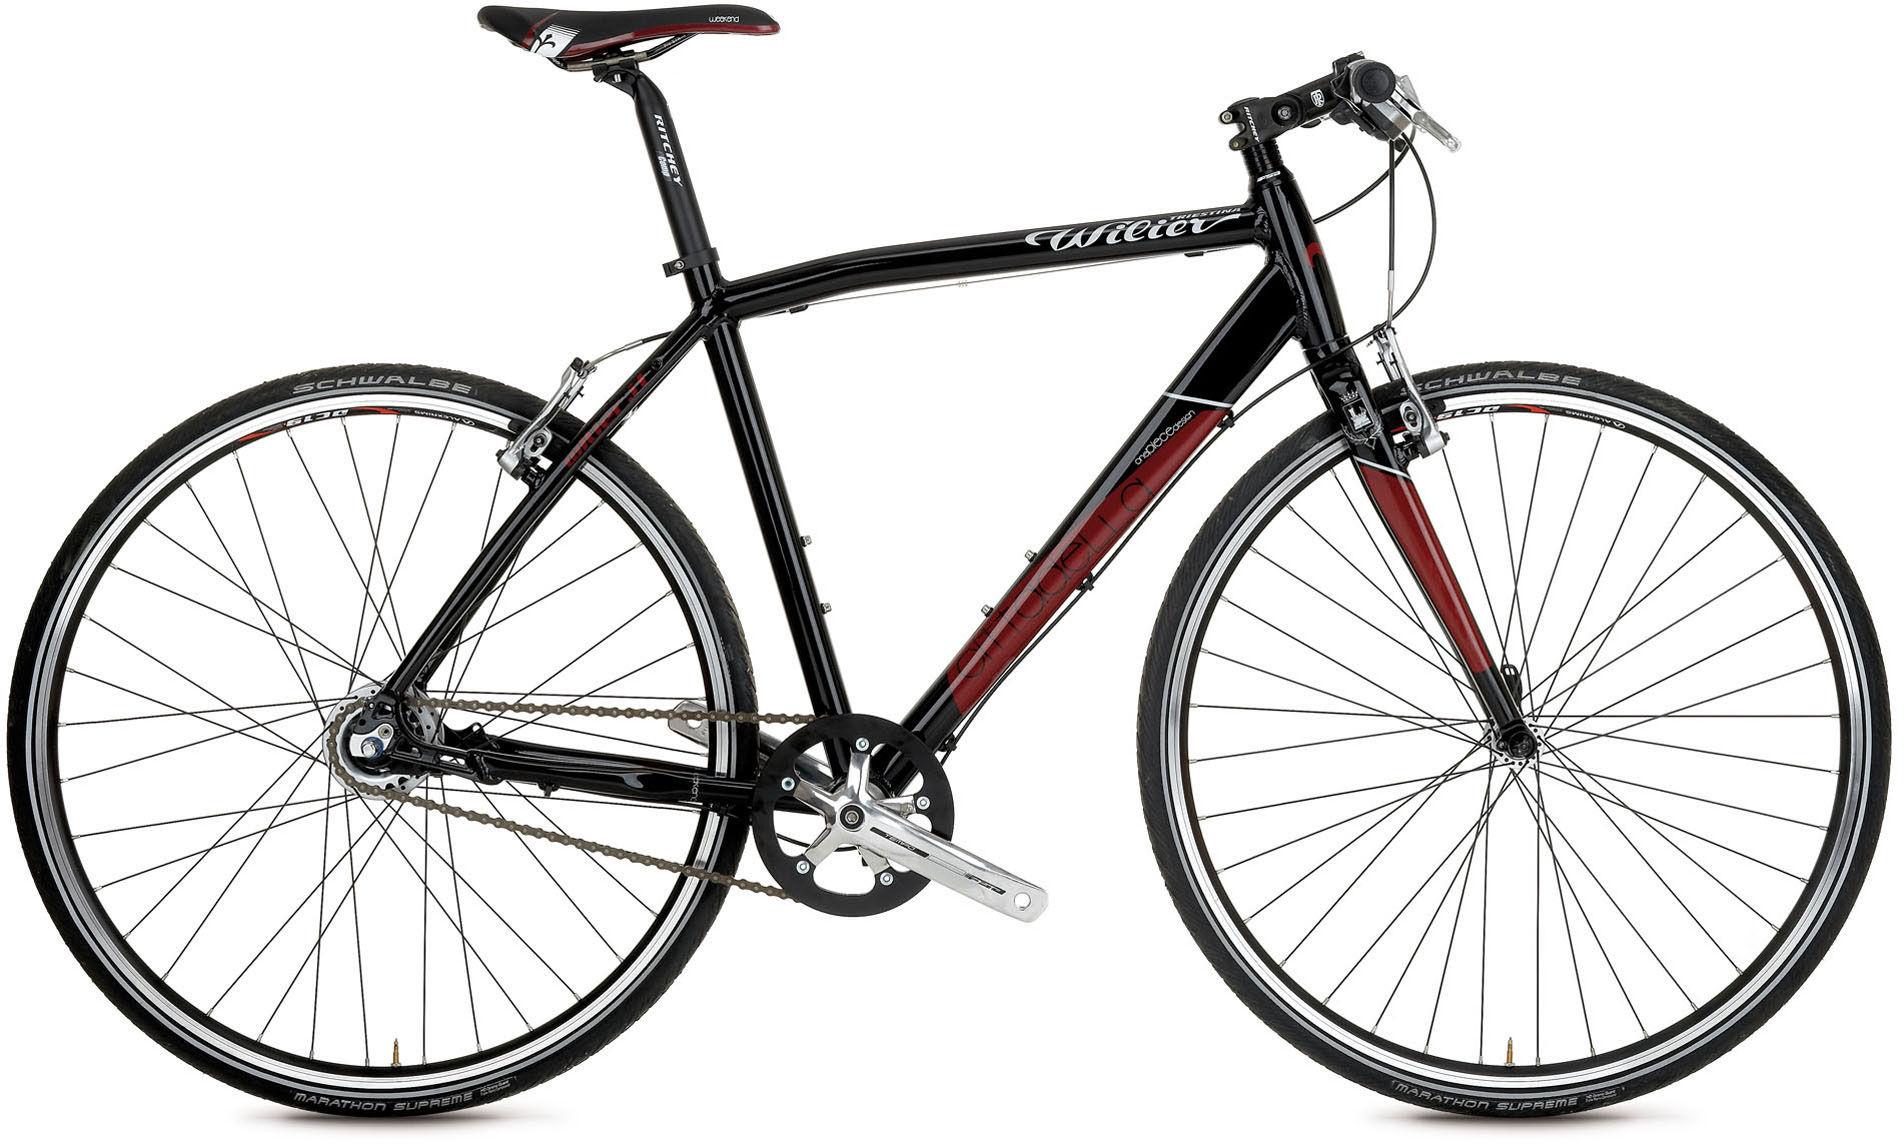 Vélo de route (ville) Wilier Cittadella 2012 taille S